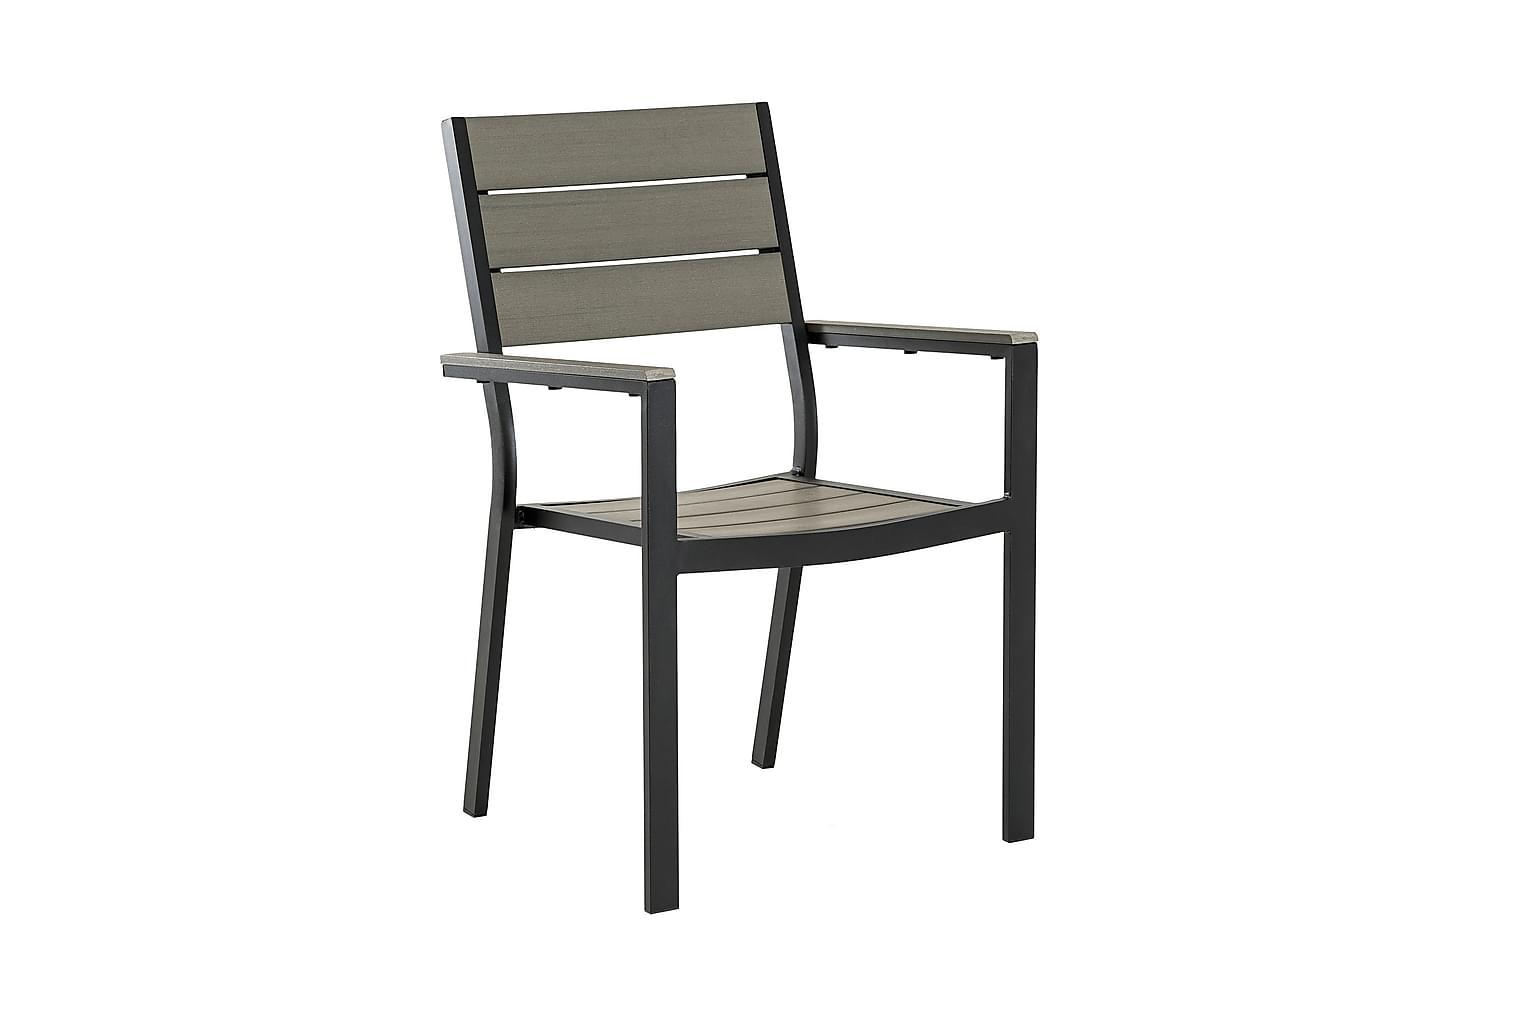 LAPAZ Pinottava tuoli 6-pakkaus Musta/Harmaa - Pakettihinta